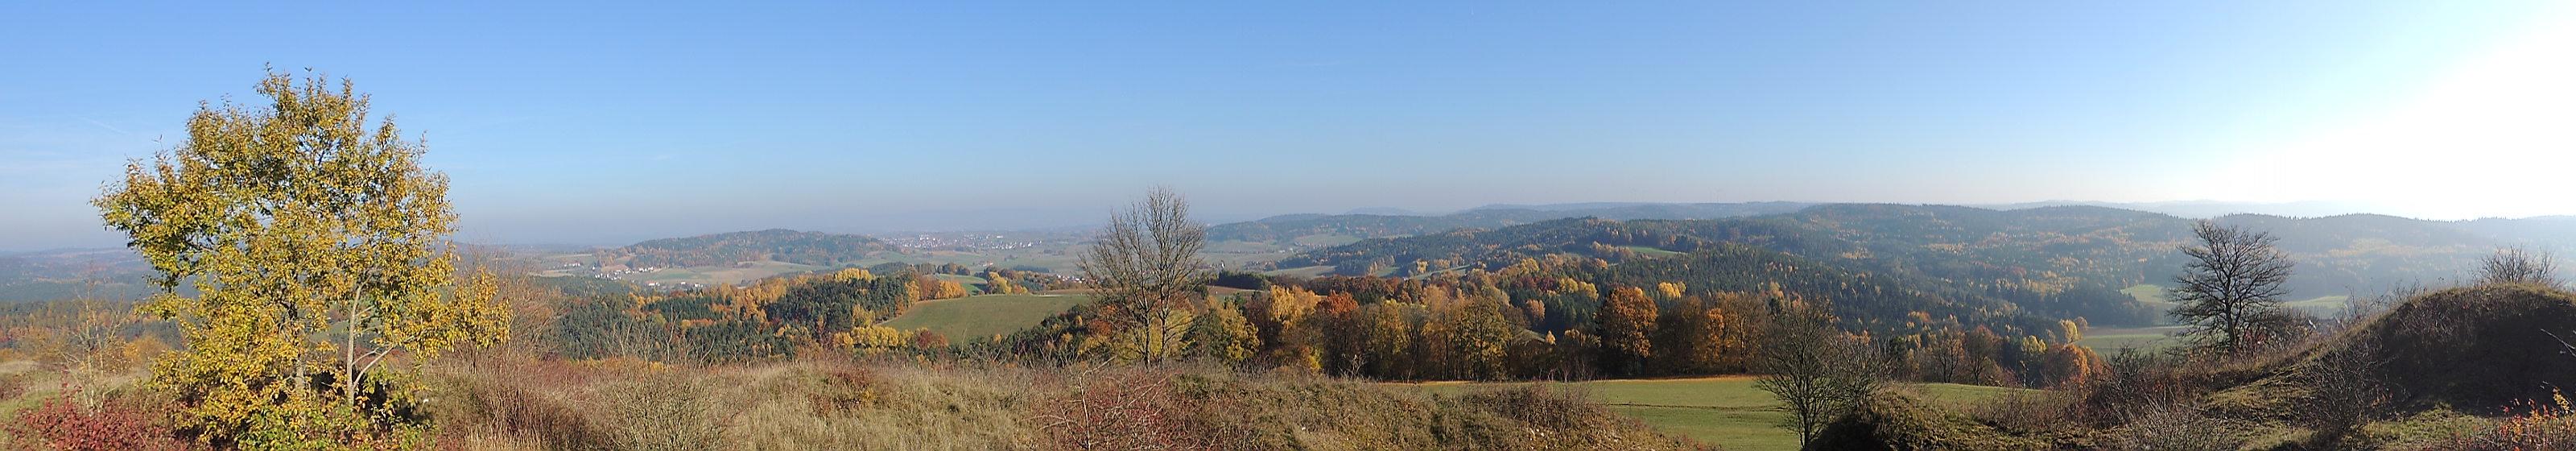 Neubürg - Panorama 002